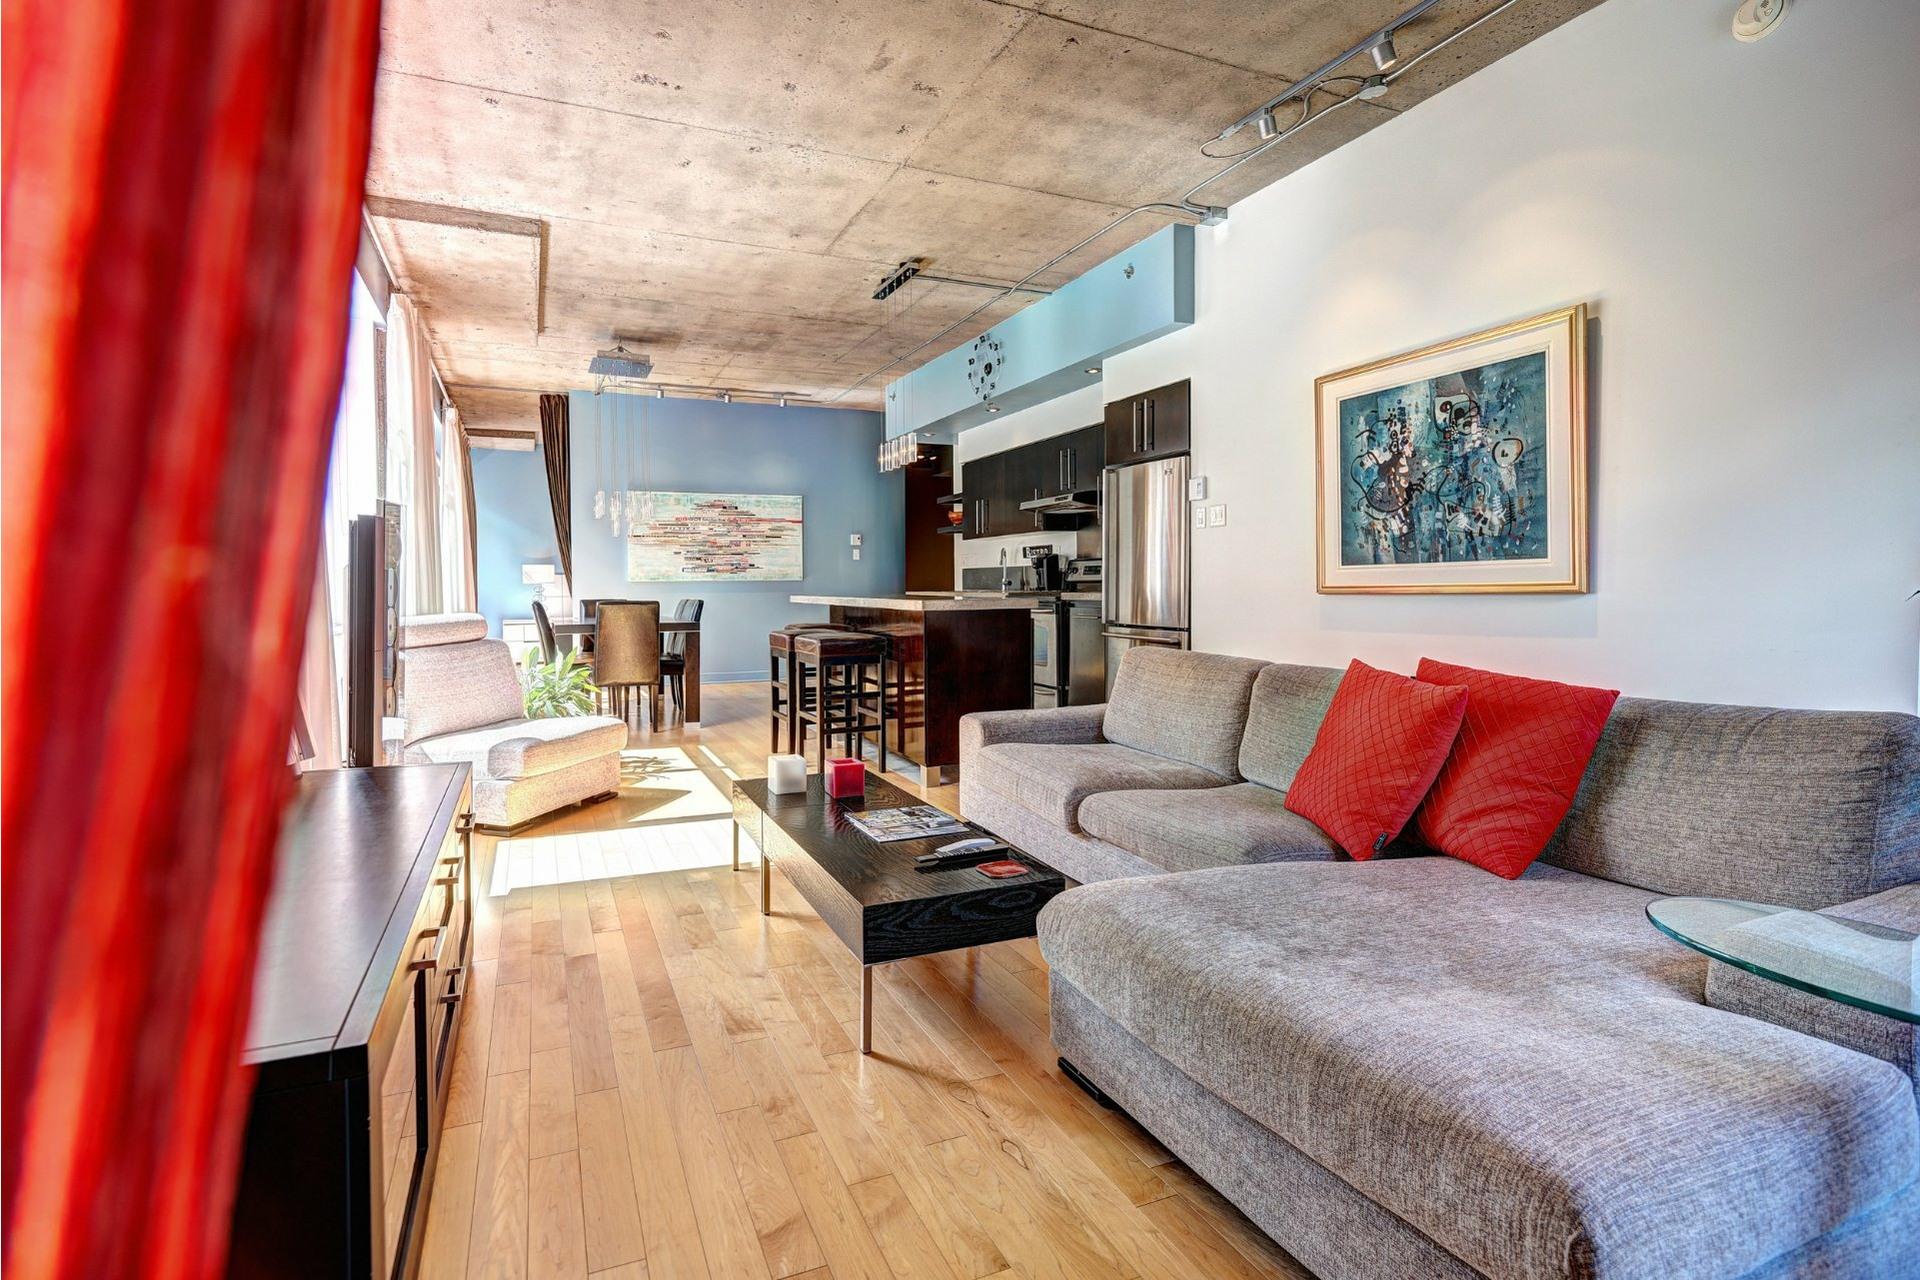 image 19 - Appartement À louer Villeray/Saint-Michel/Parc-Extension Montréal  - 8 pièces